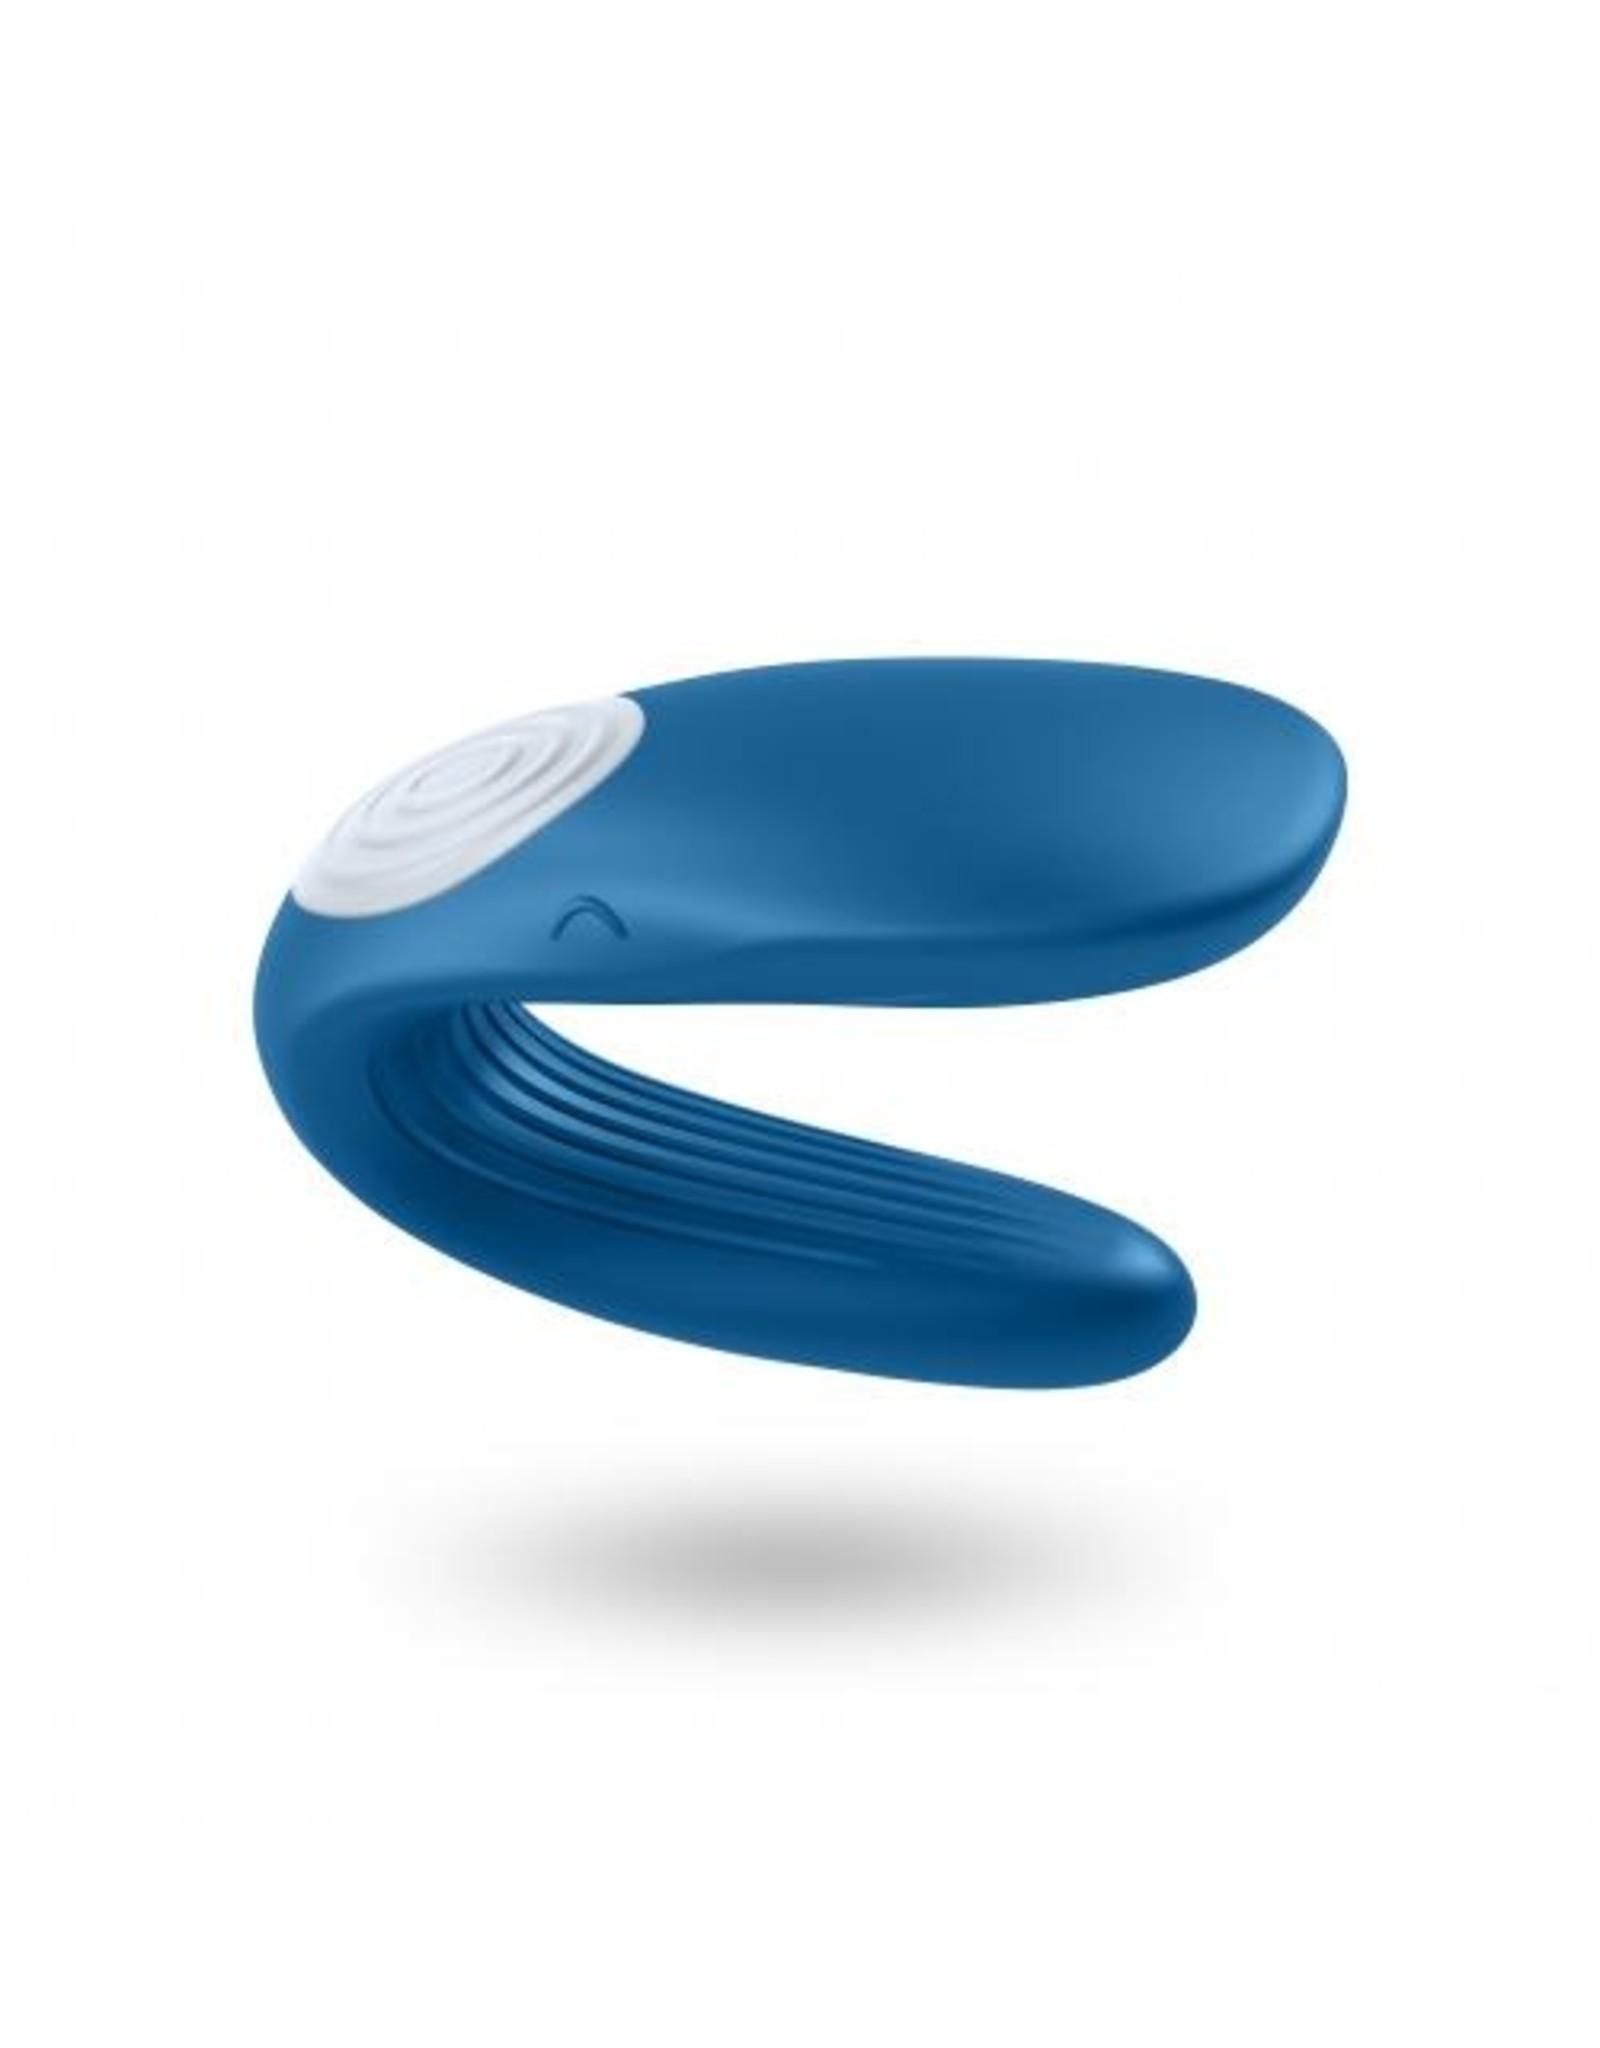 Partnertoys Partner Whale Koppel Vibrator